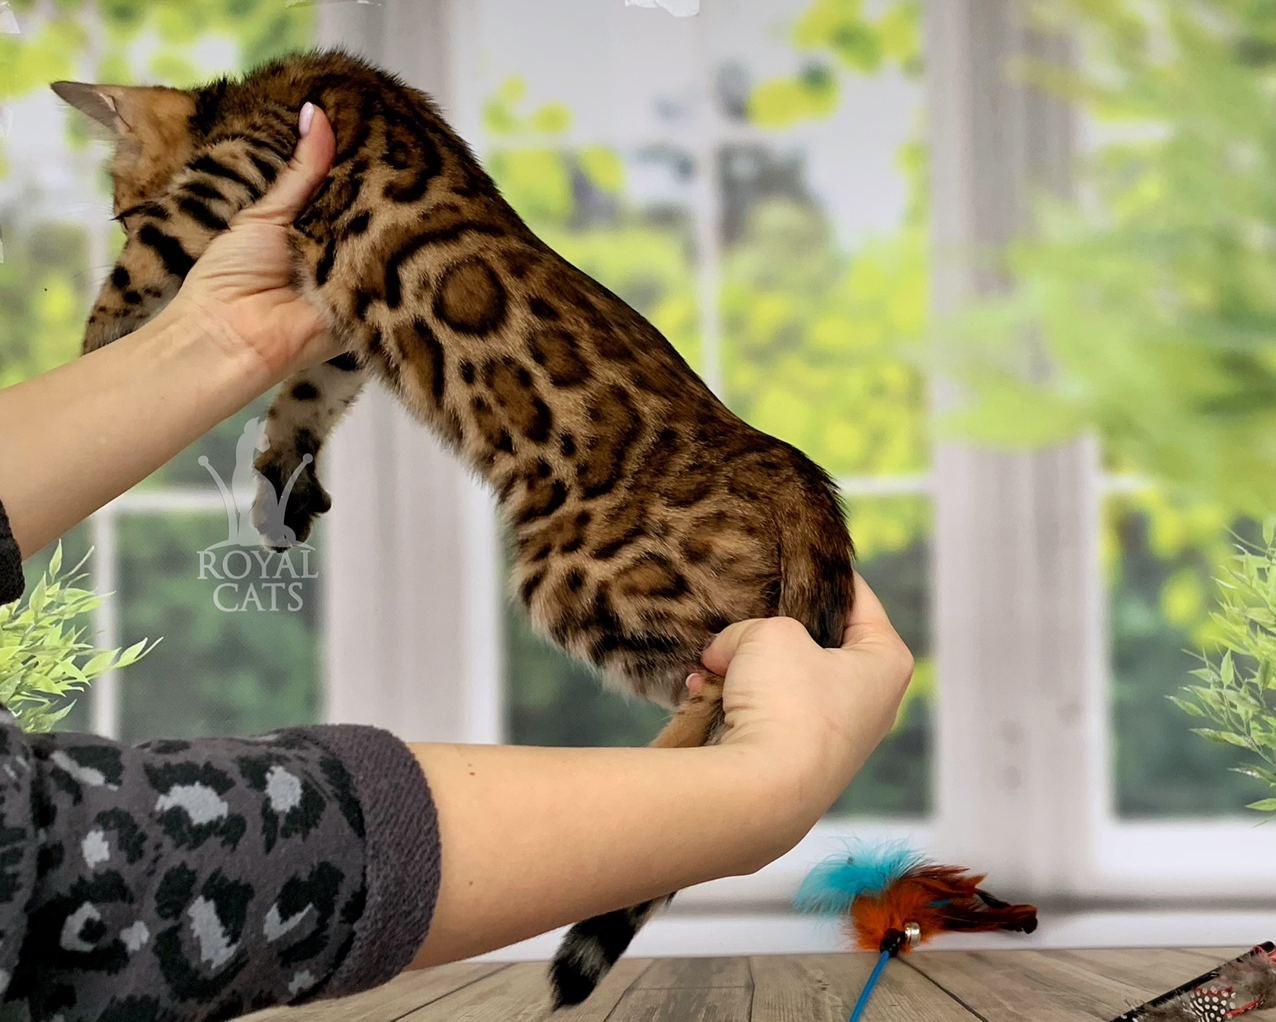 Мальчик бенгал, др. 28.09.2020. (черный ошейник) Бенгальские котята из питомника Royal Cats. Украина, Киев